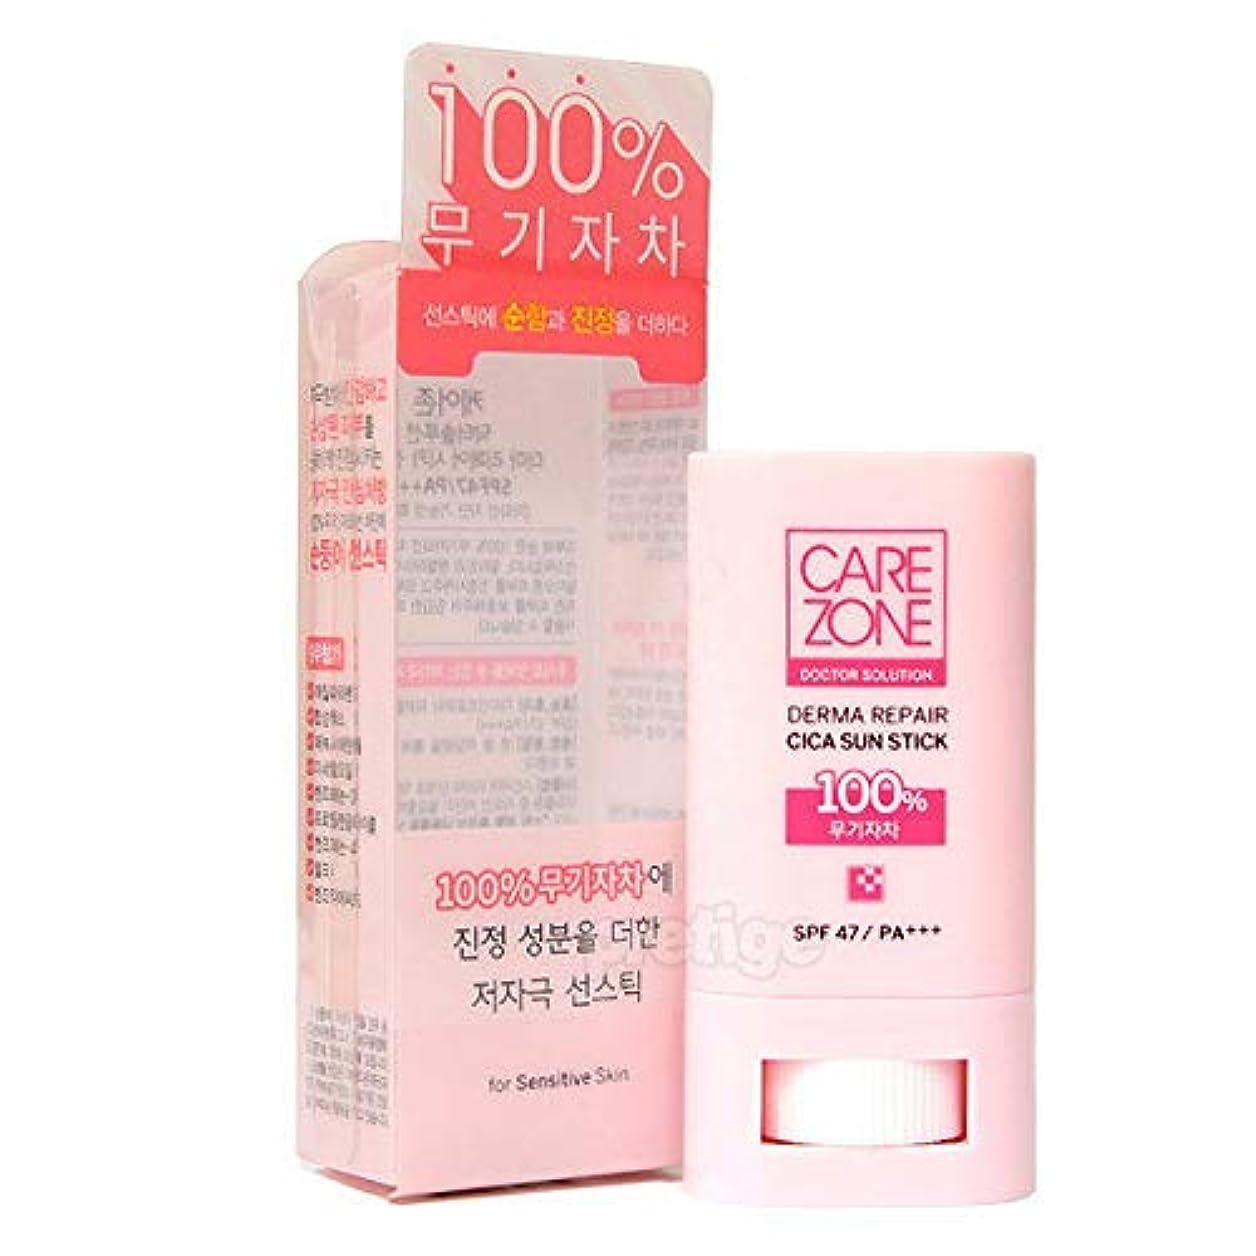 電話に出る約設定真似るCAREZONE ケアゾーン Doctor Solution Derma Repair Cica Sun Stick サンスティック (20g) SPF47/PA+++ CARE ZONE